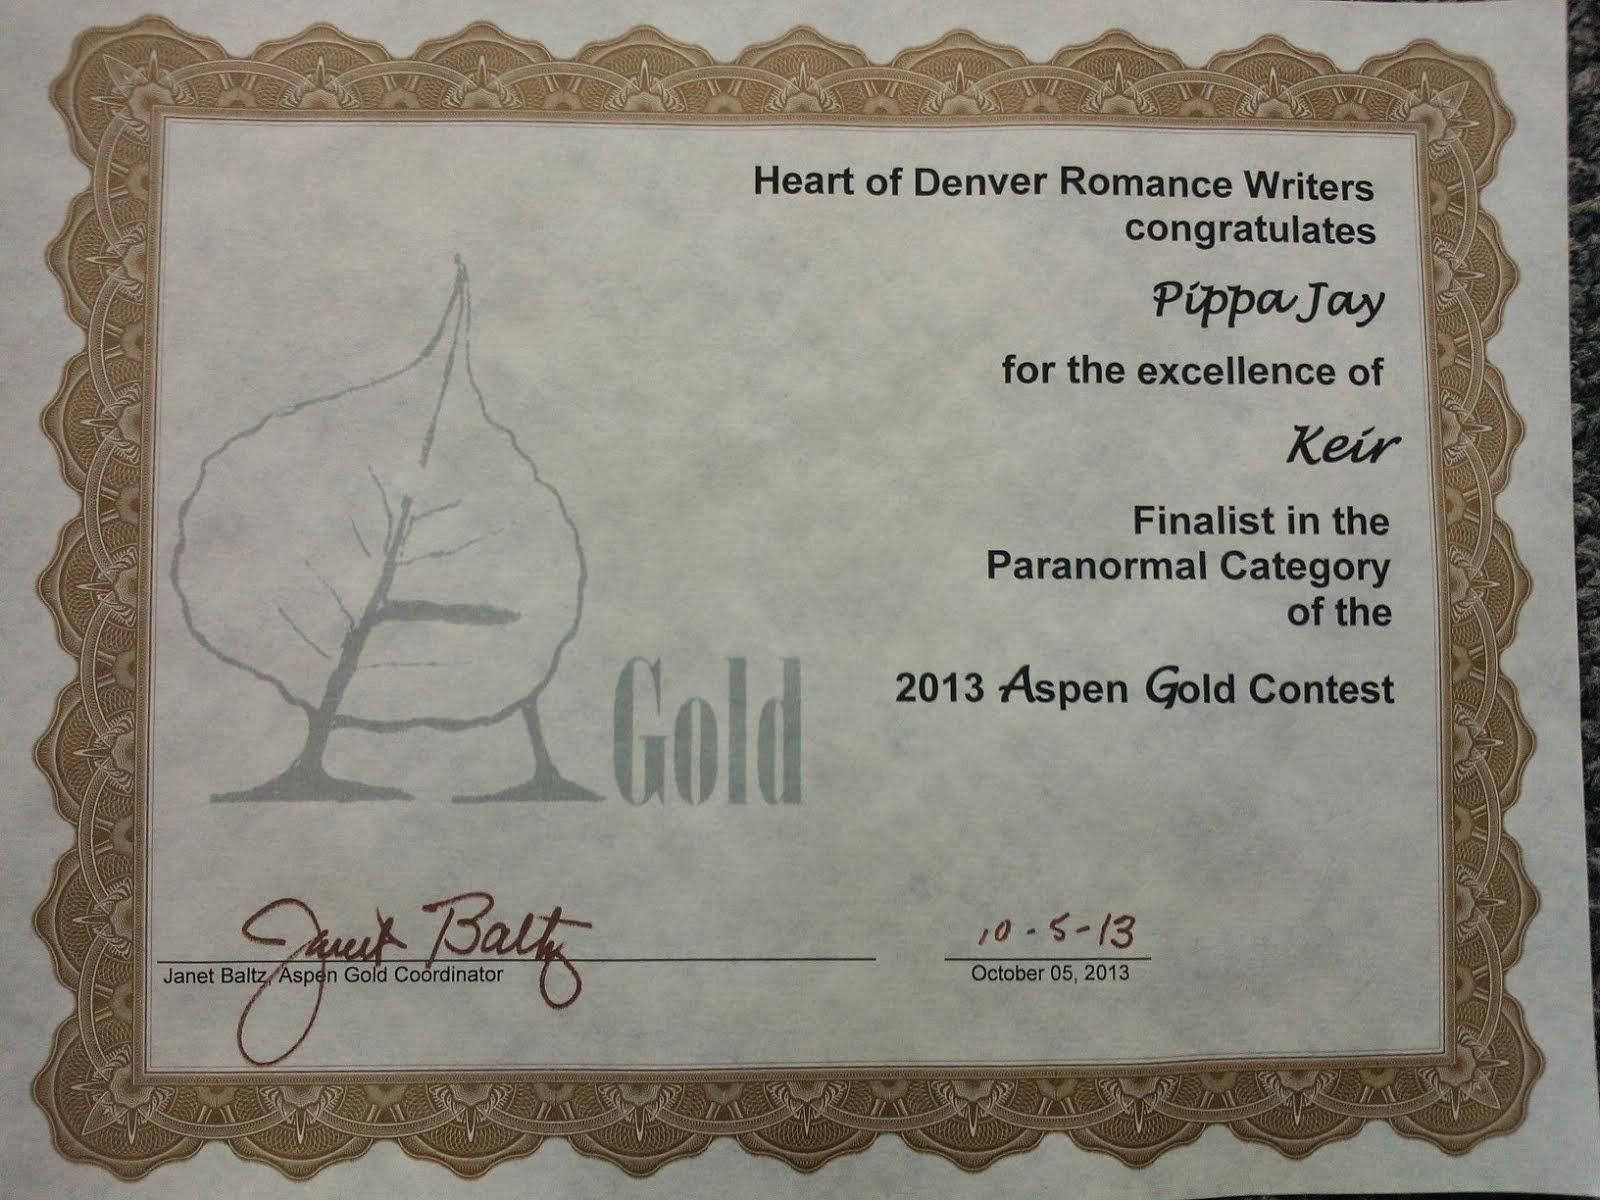 2013 Aspen Gold Finalist (3rd)